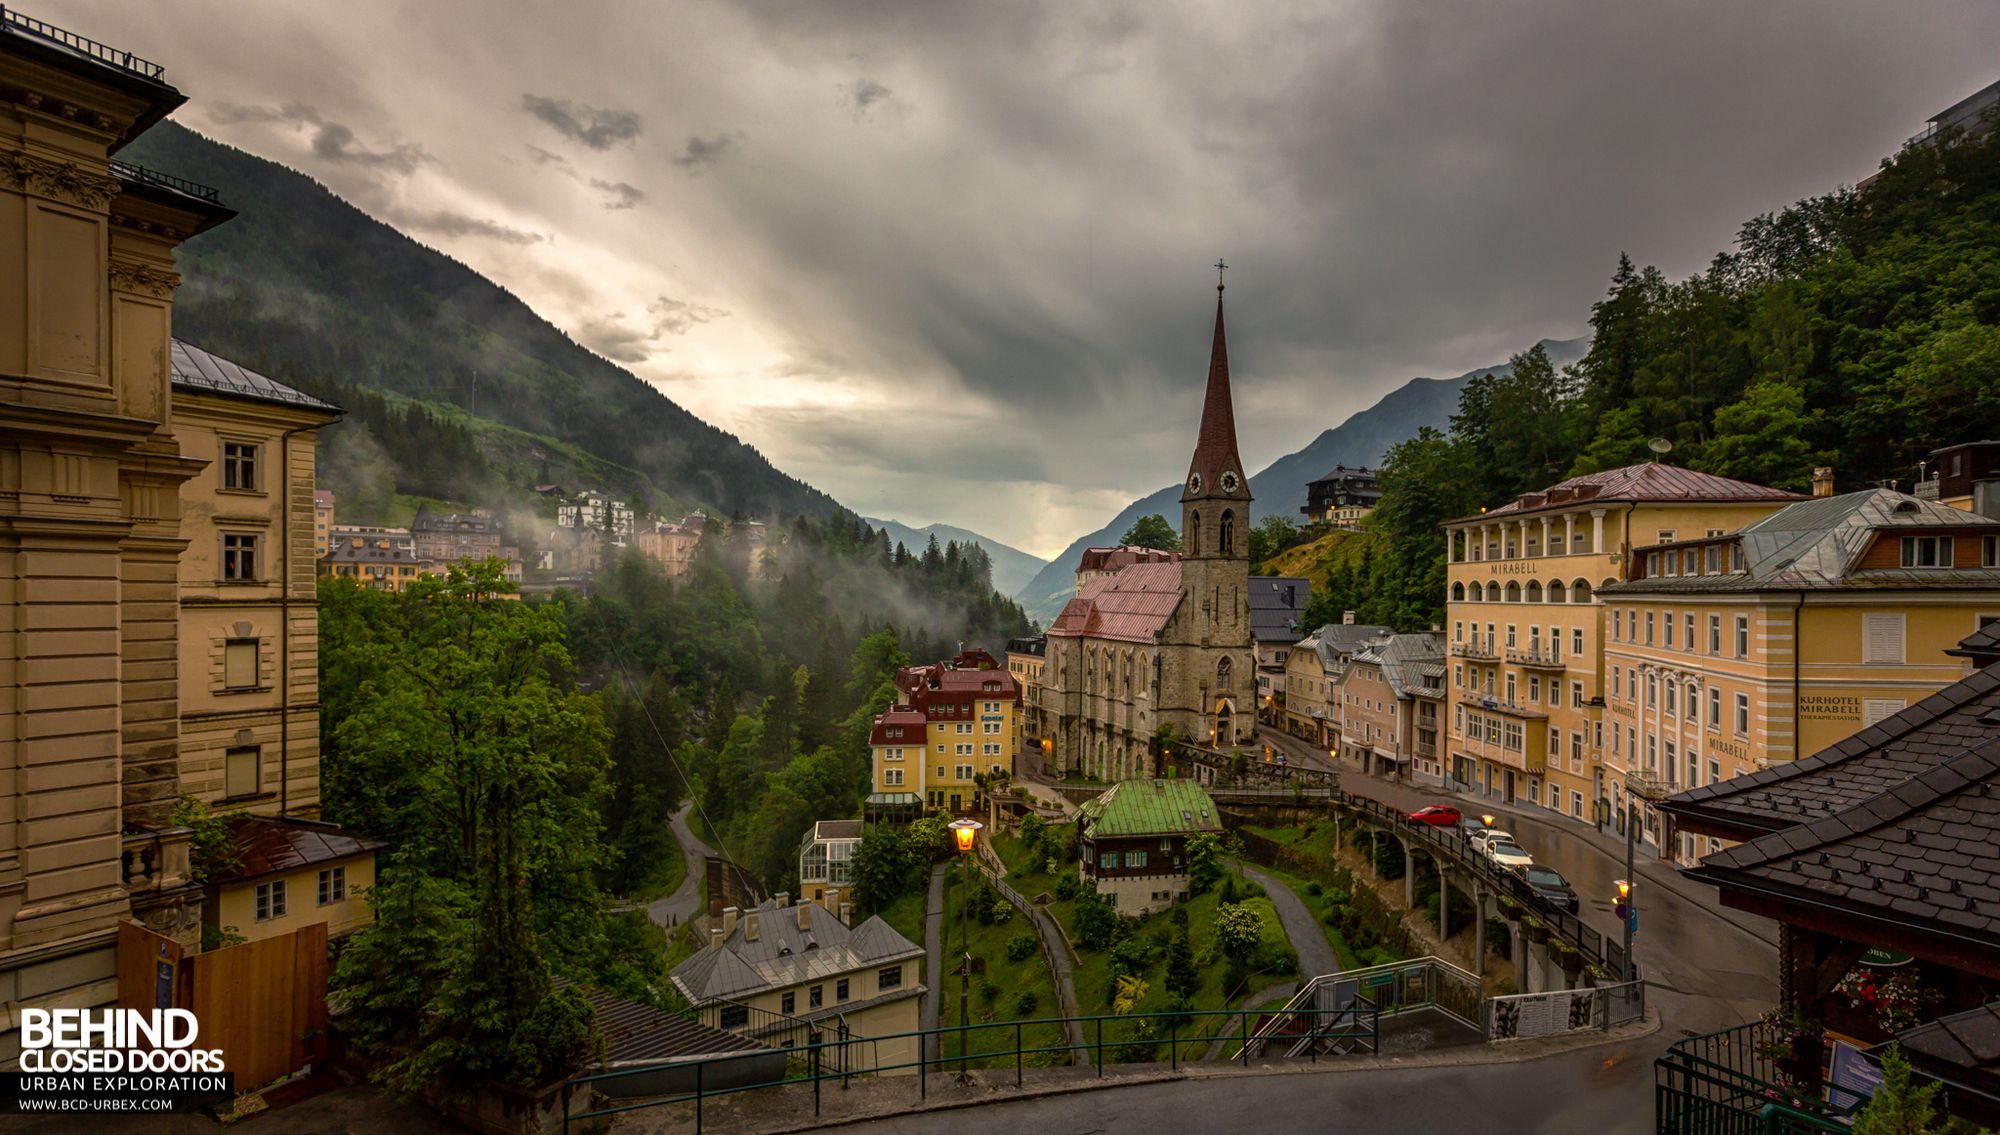 Casino Austria Bad Gastein